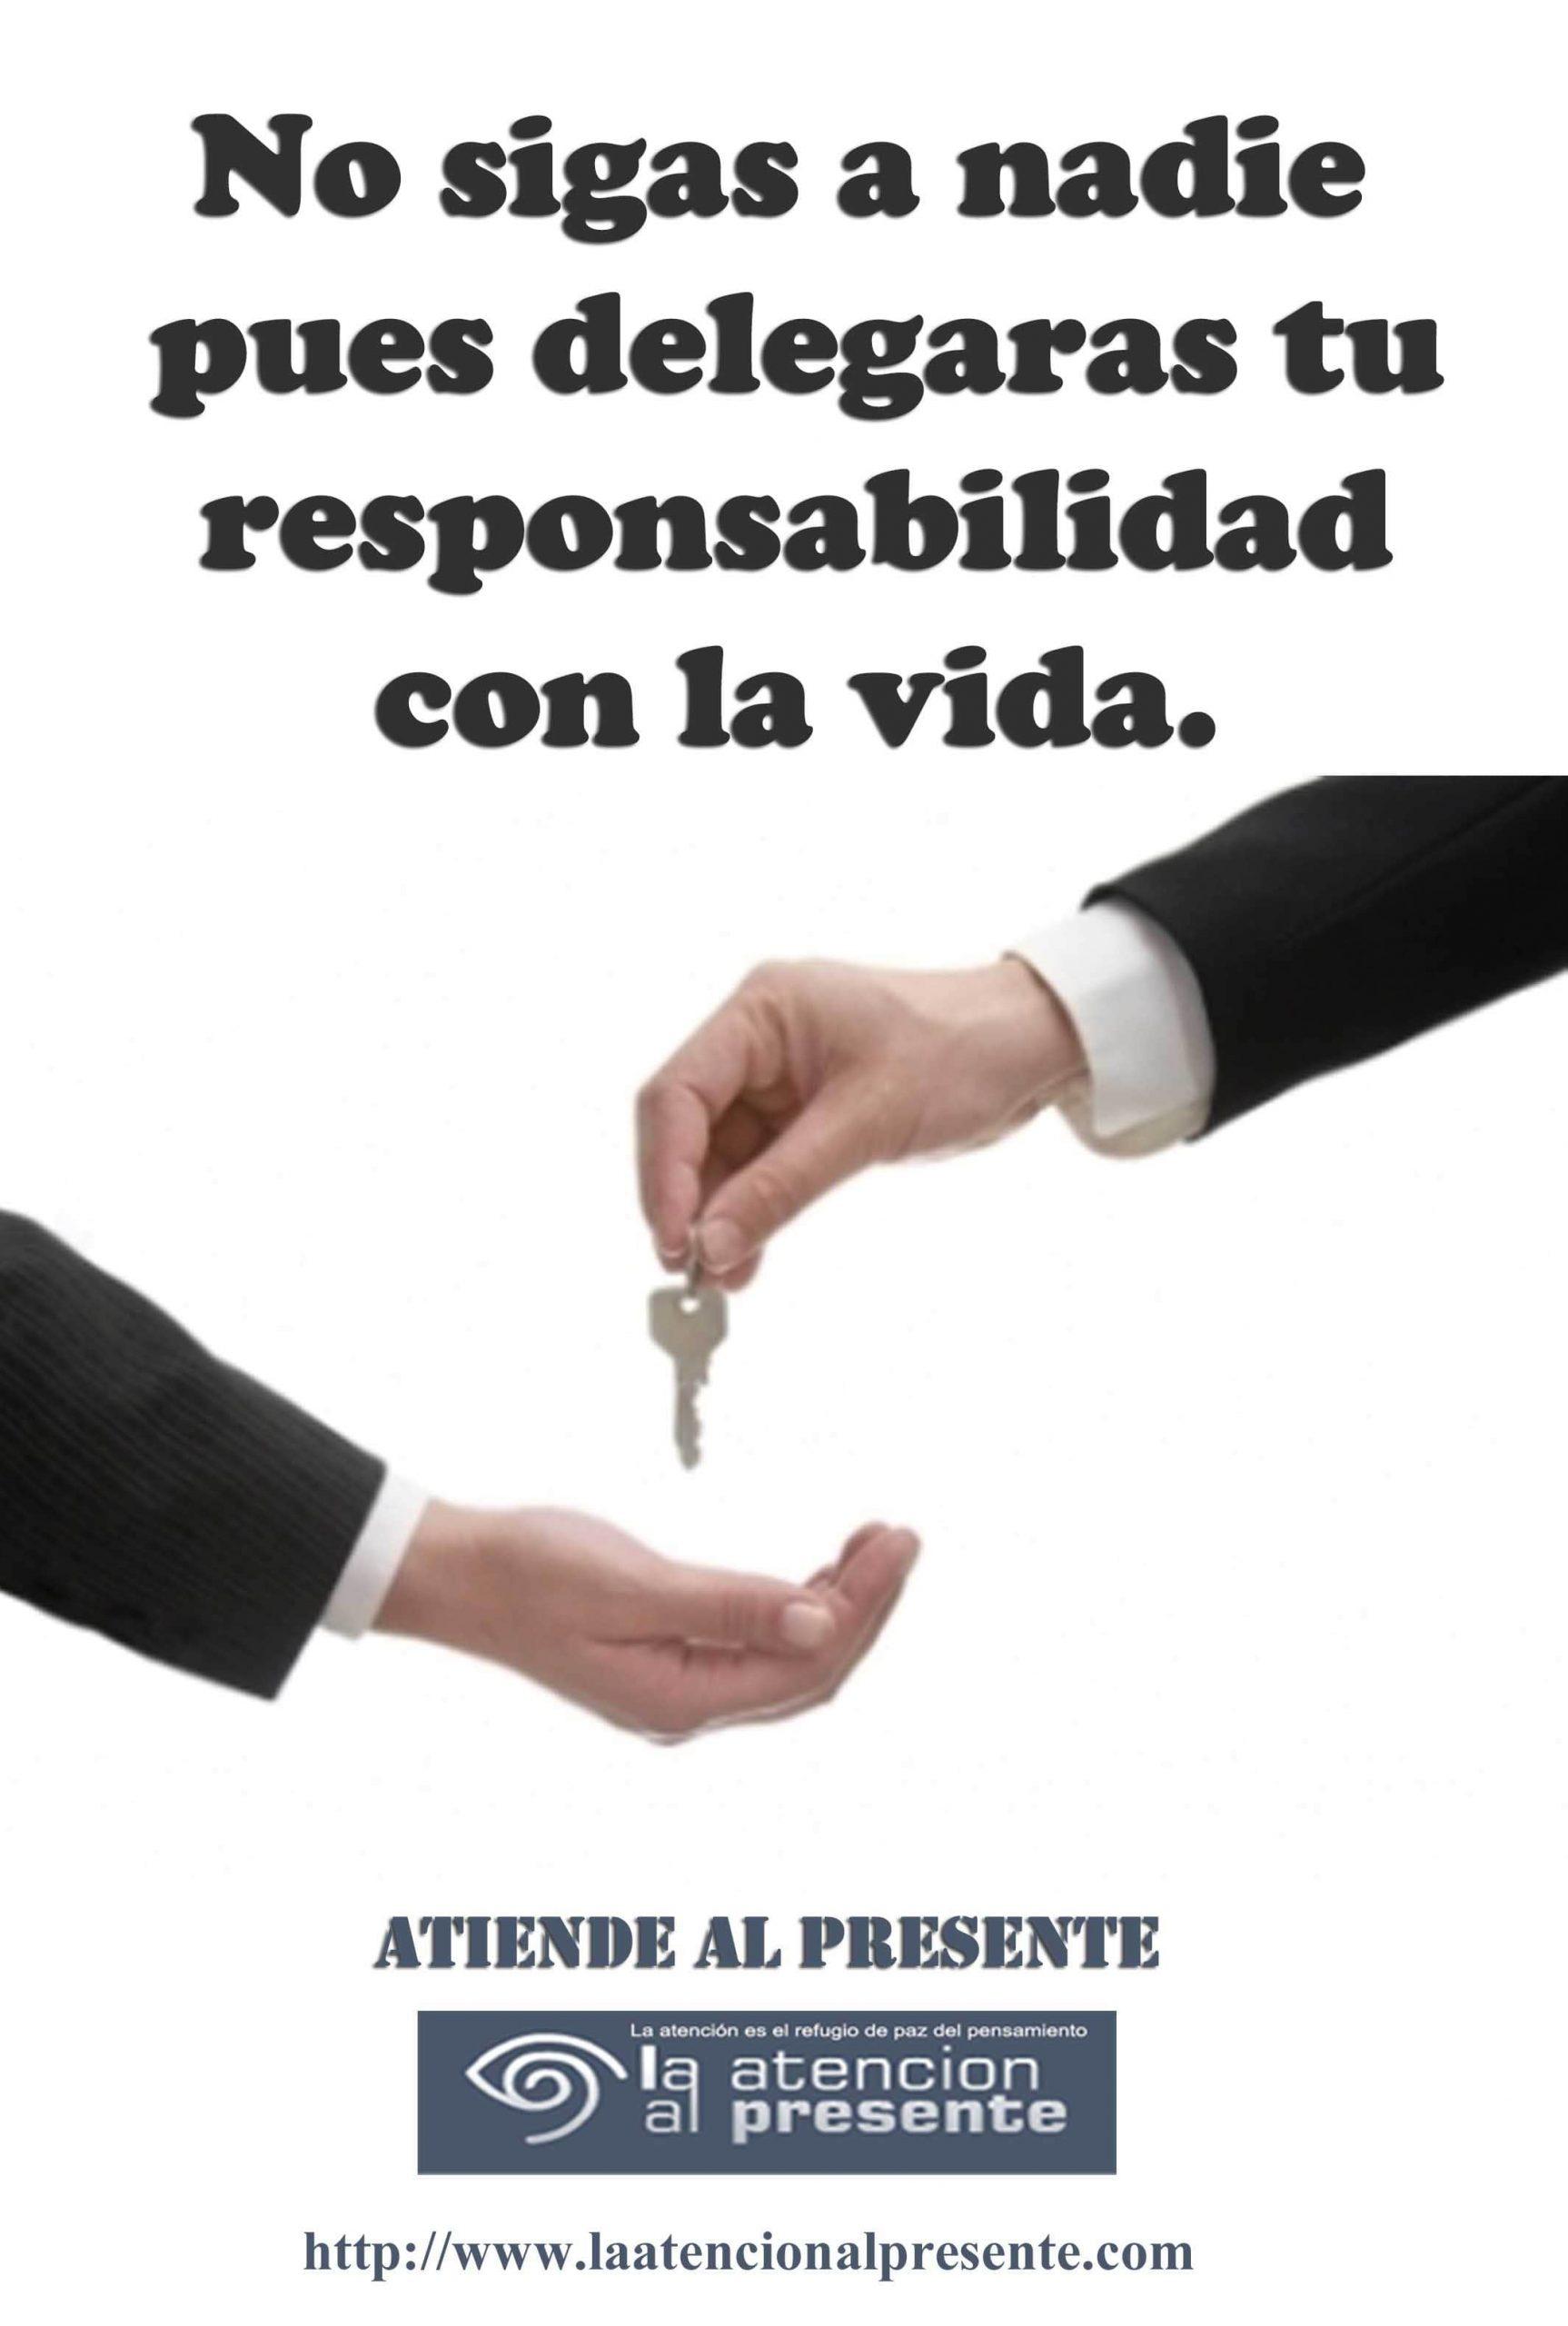 16 de mayo Esteban No sigas a nadie pues delegarás la responsabilidad con tu vida min scaled